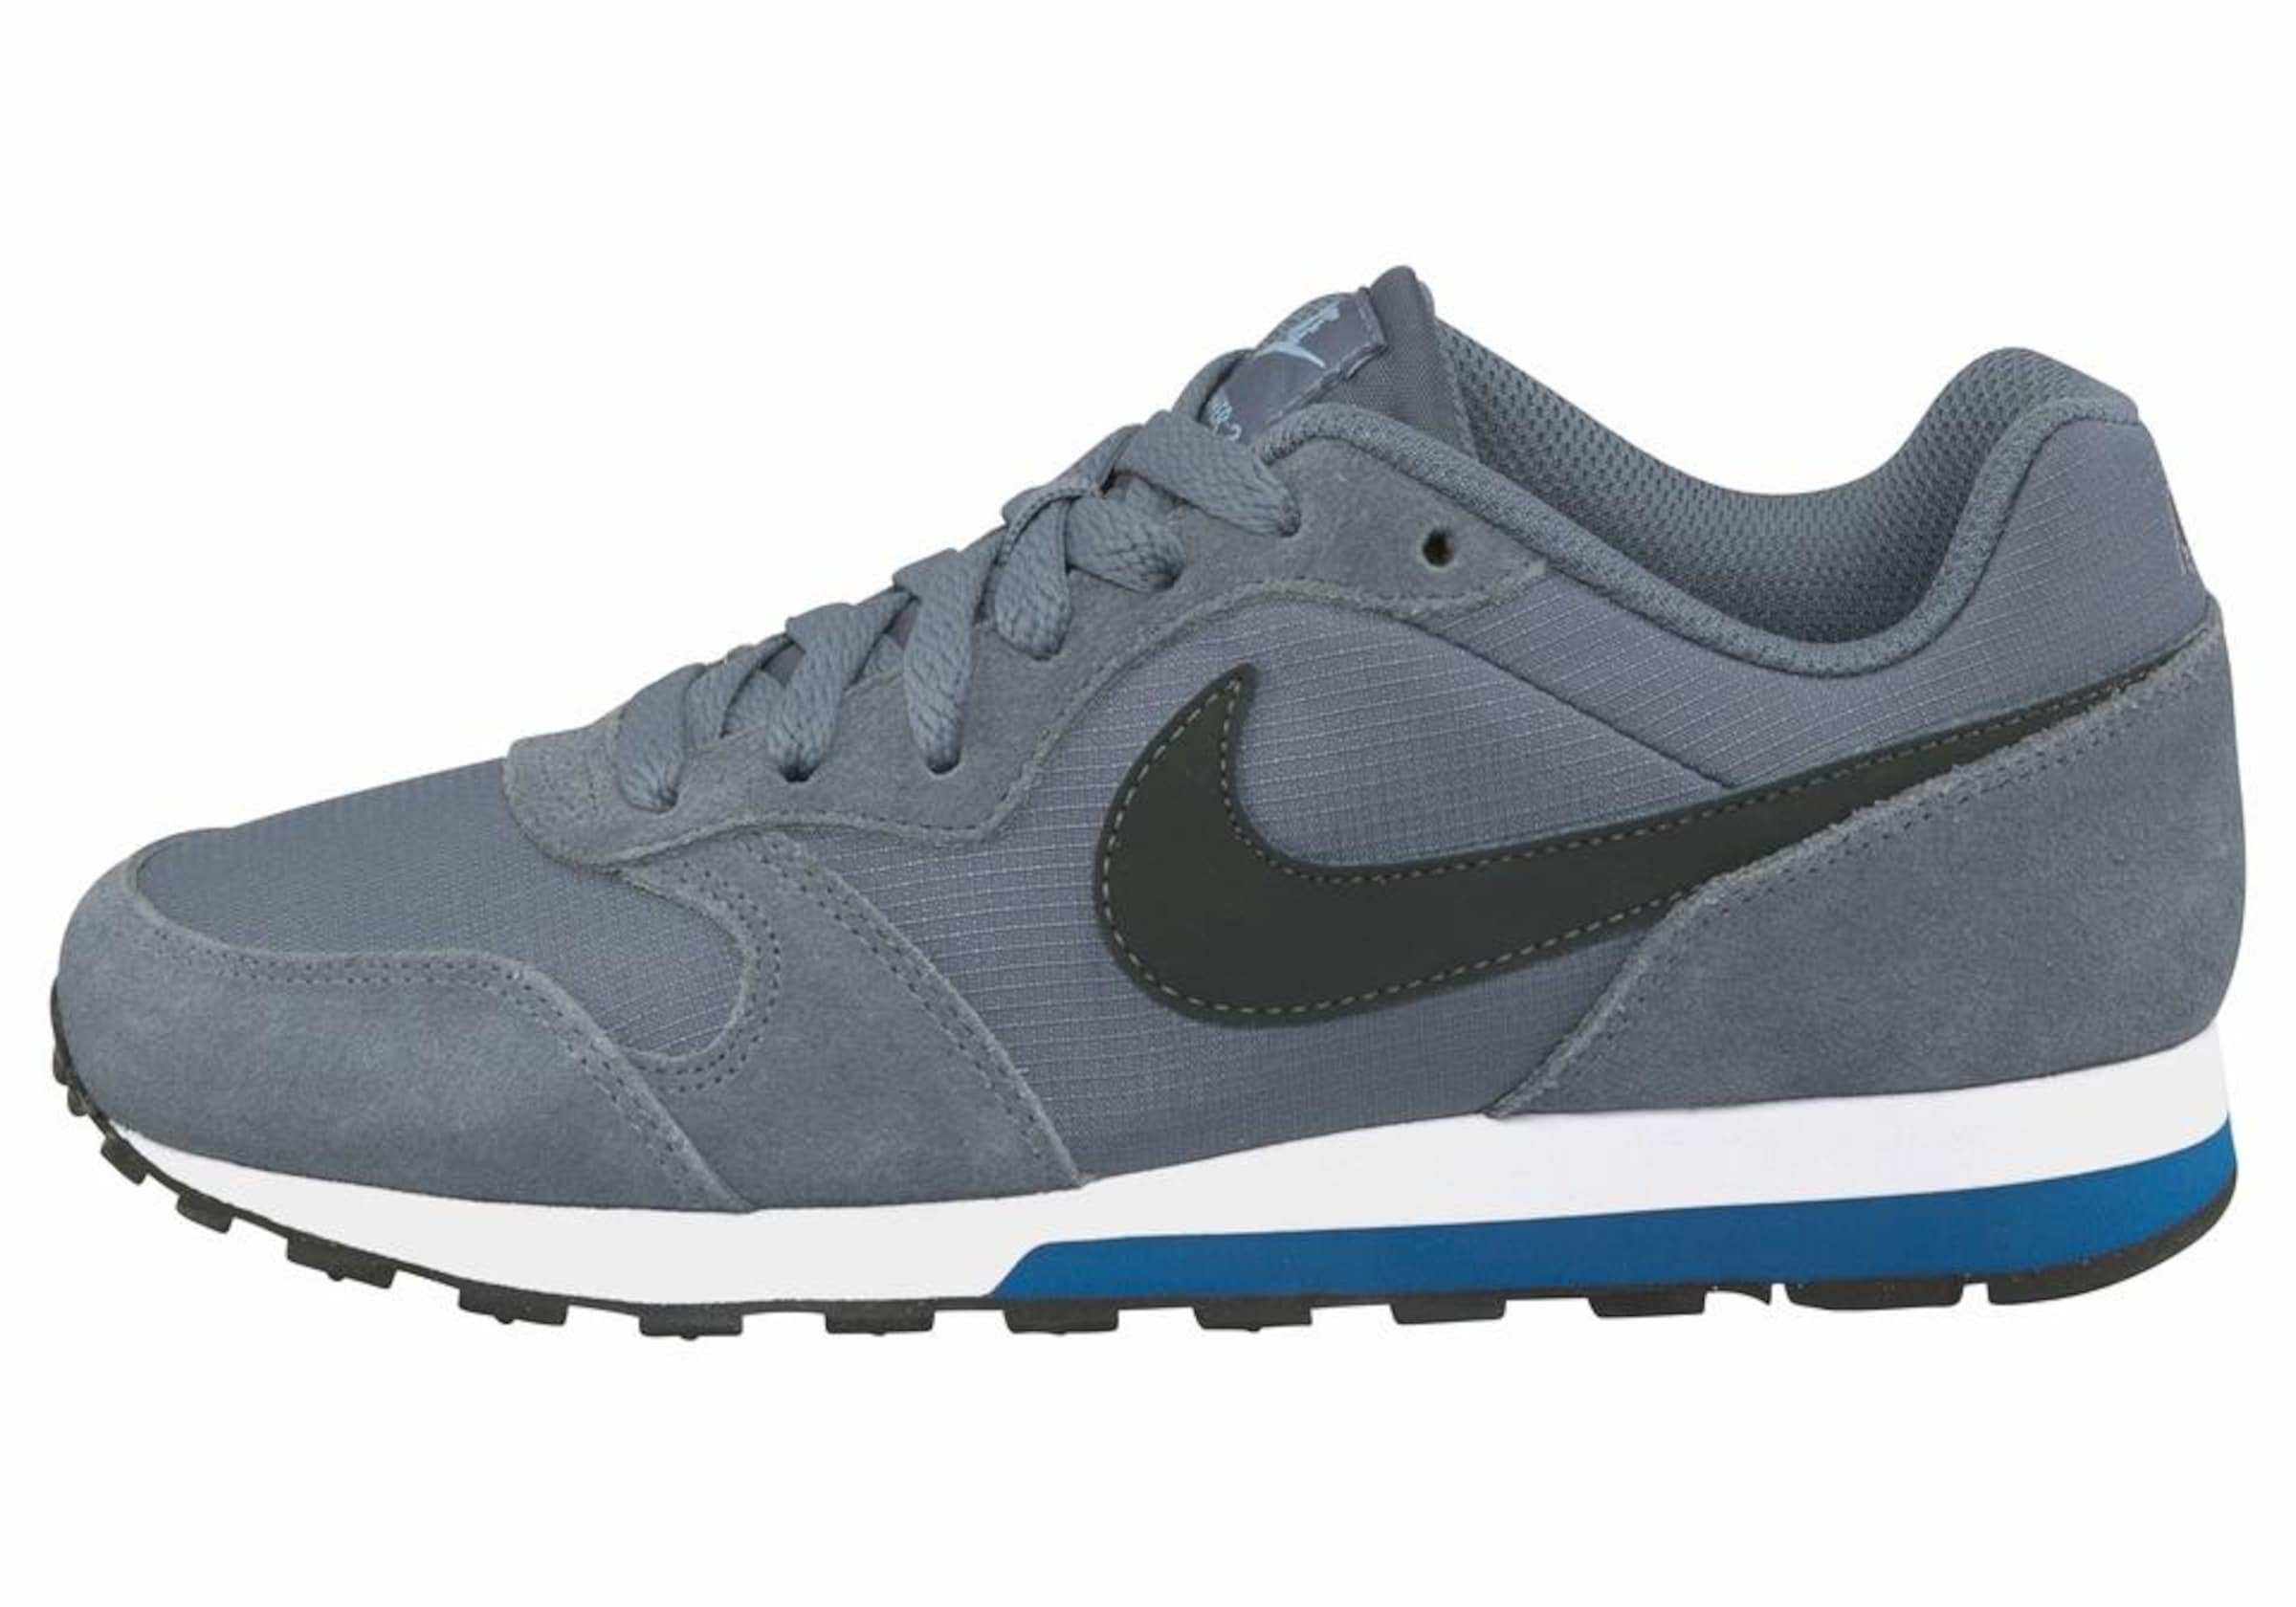 Nike Sportswear Sneaker 'MD Runner 2' Einkaufen Outlet Online zRom16TDC